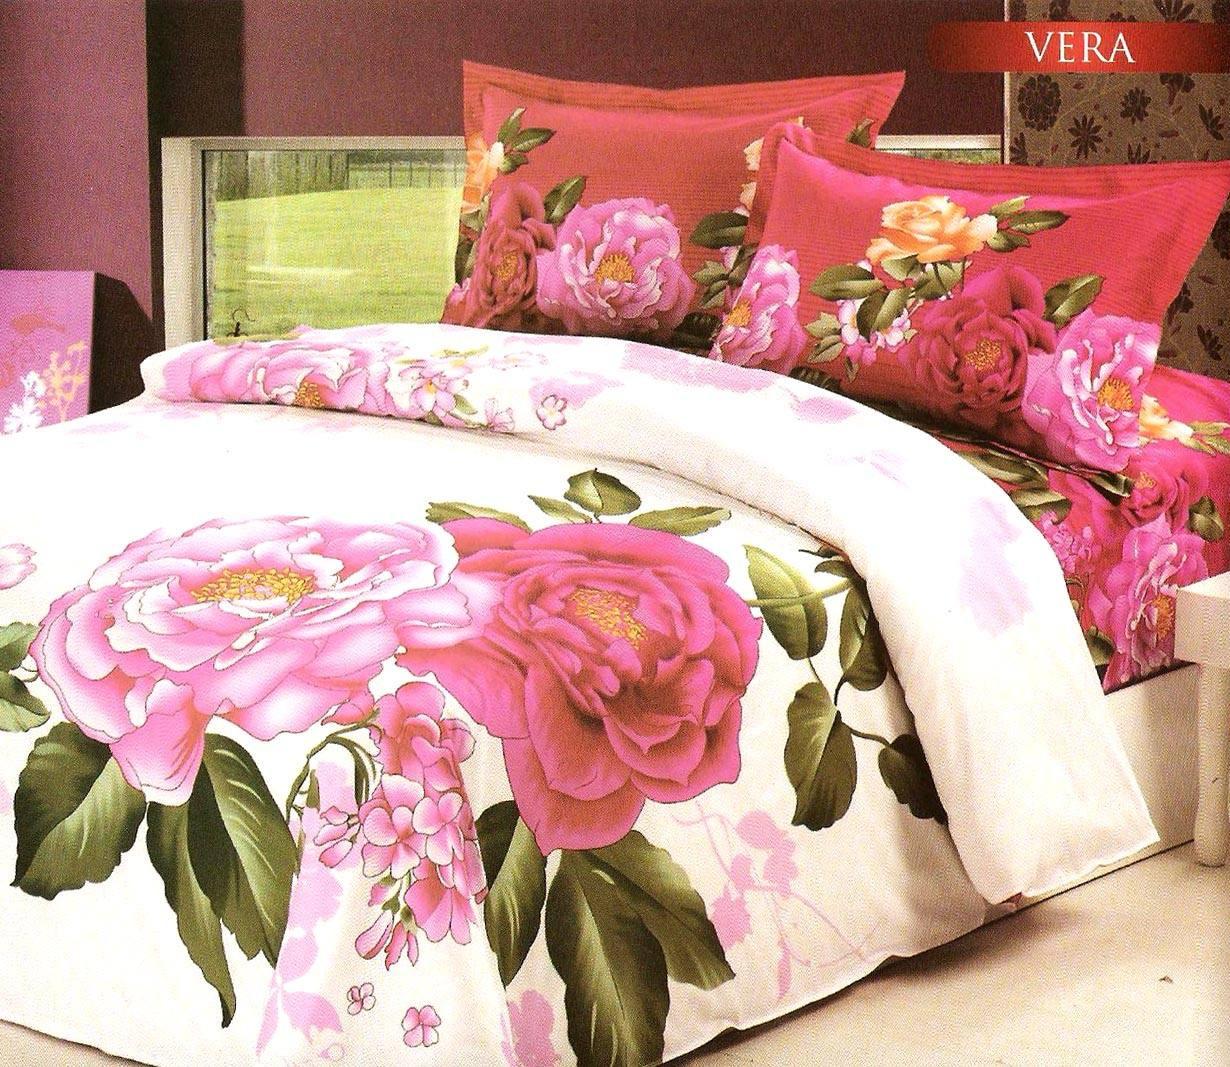 Комплект постельного белья жатка Le Vele Vera - Интернет магазин Постелюшка (Домашний текстиль, сумки, товары для дома и отдыха) в Харькове